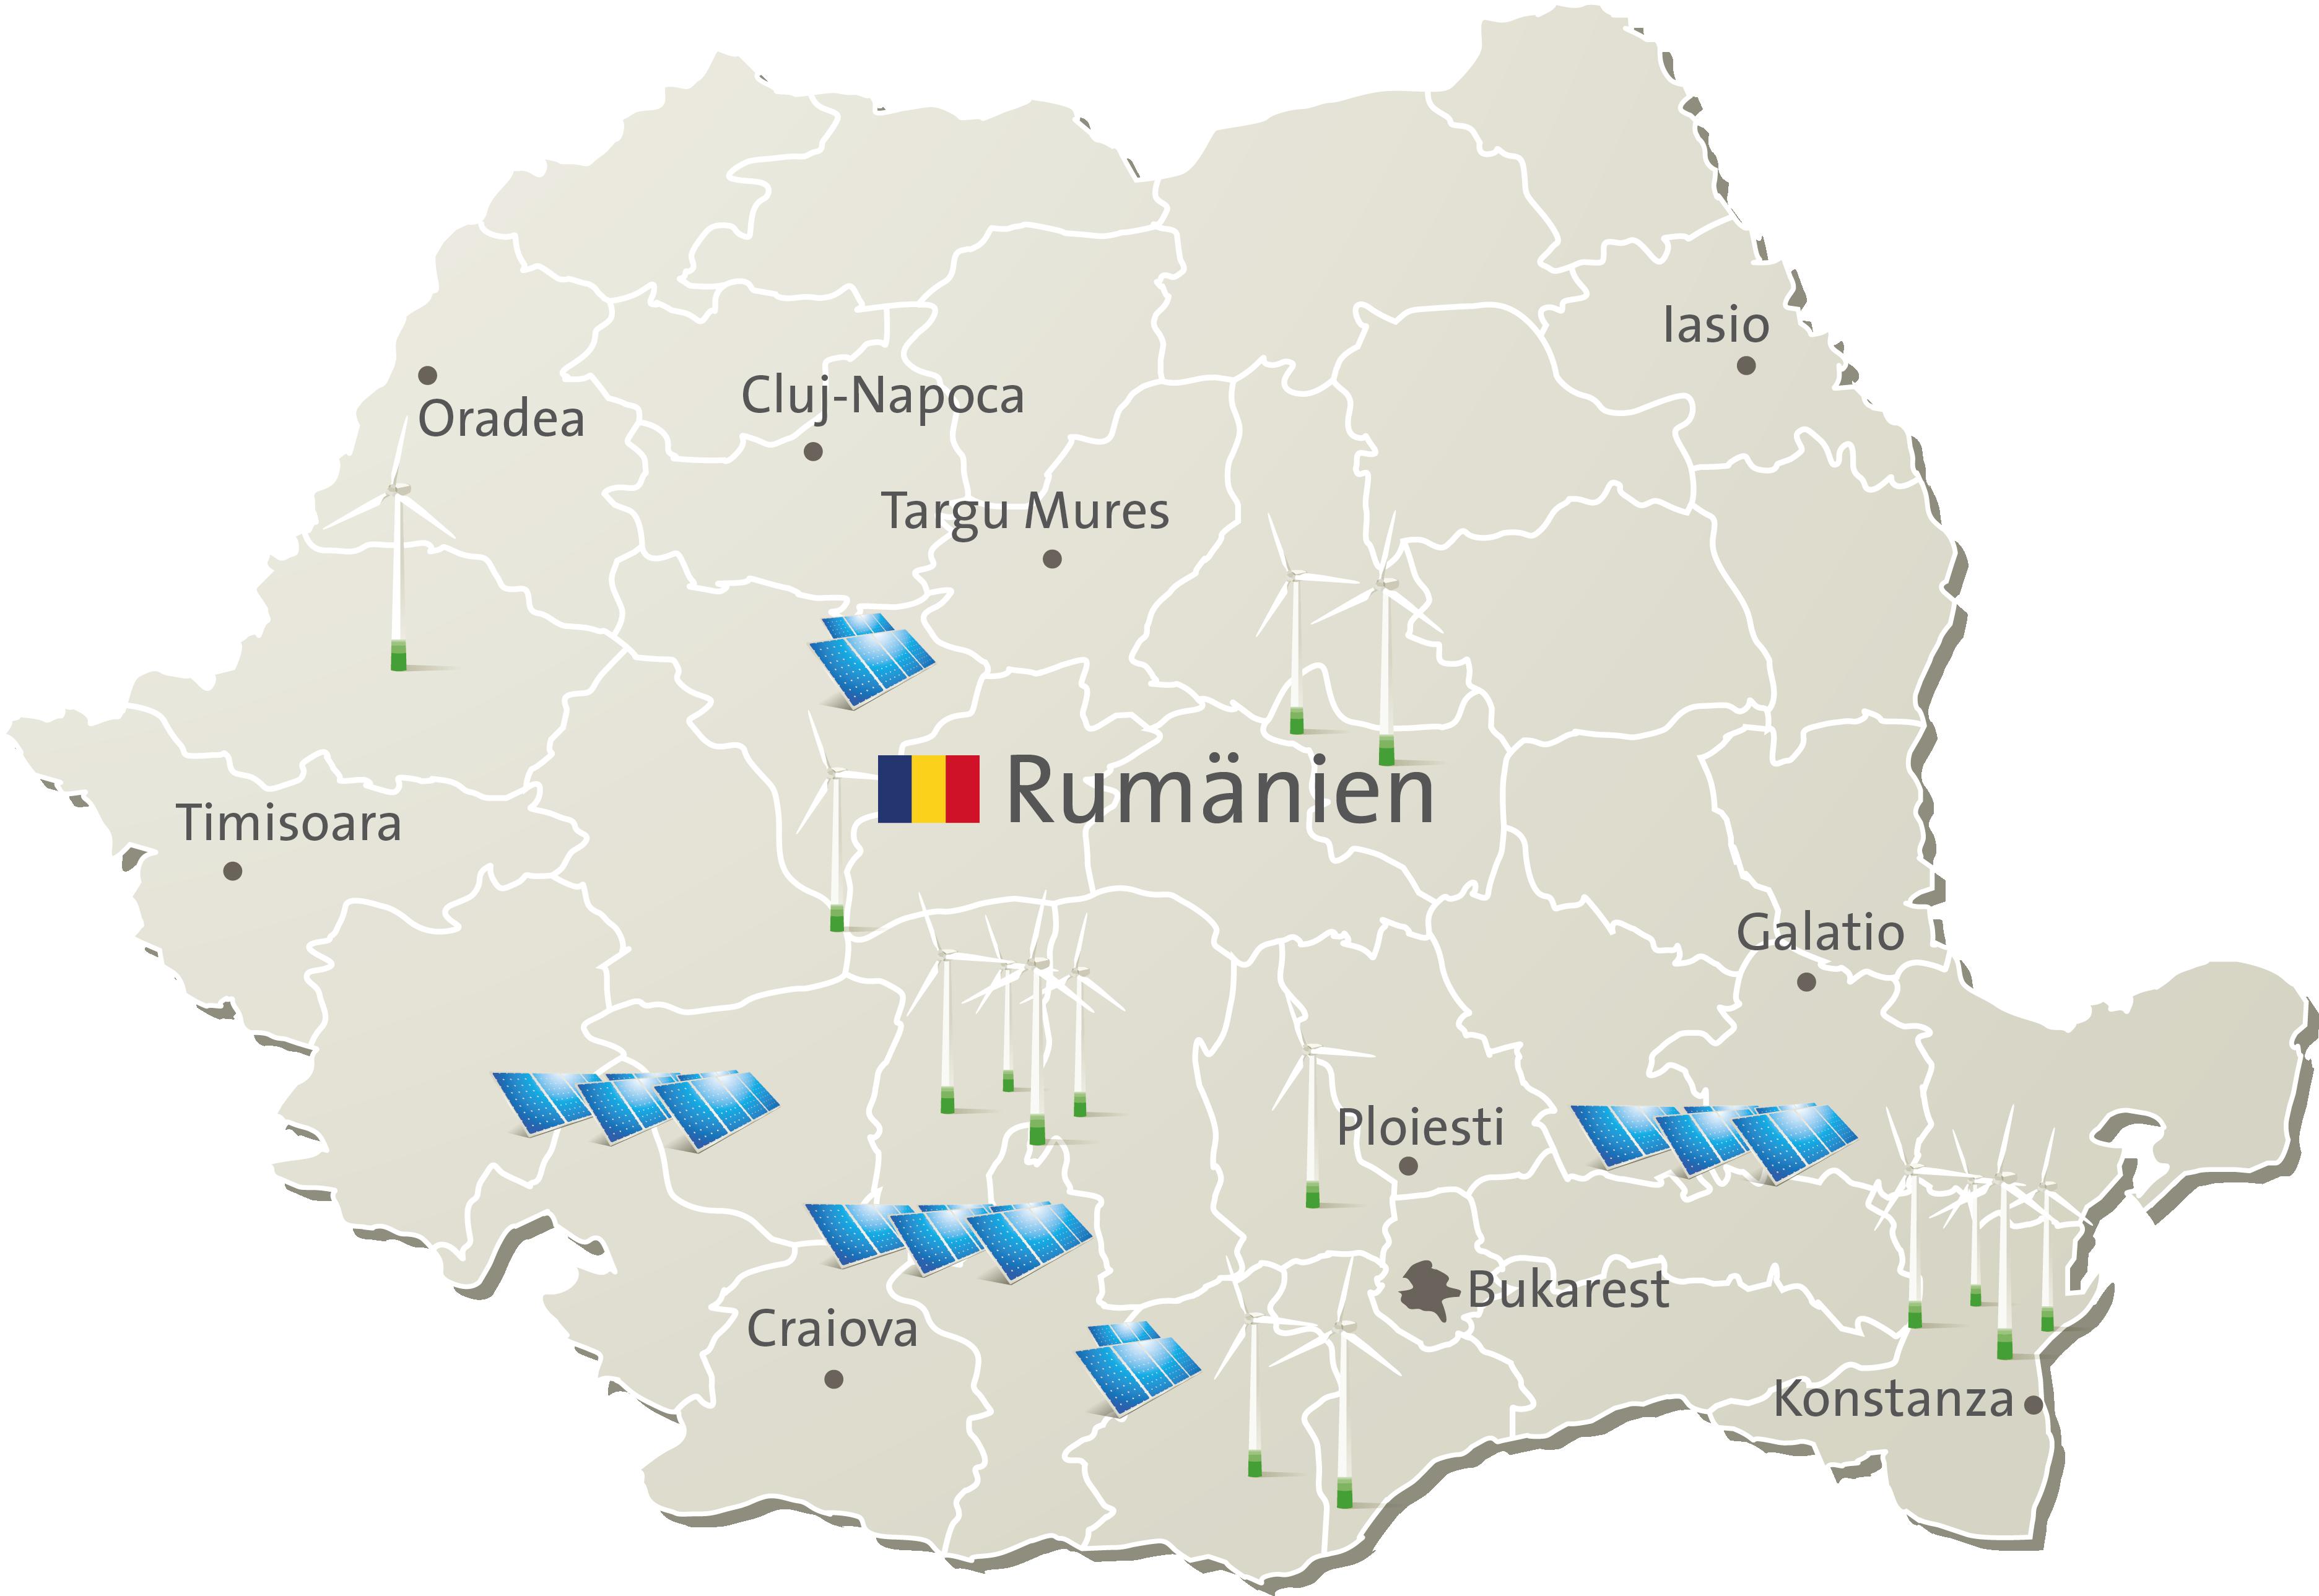 pv-leistungsprognosen-rumänien-win-leistungsprognosen